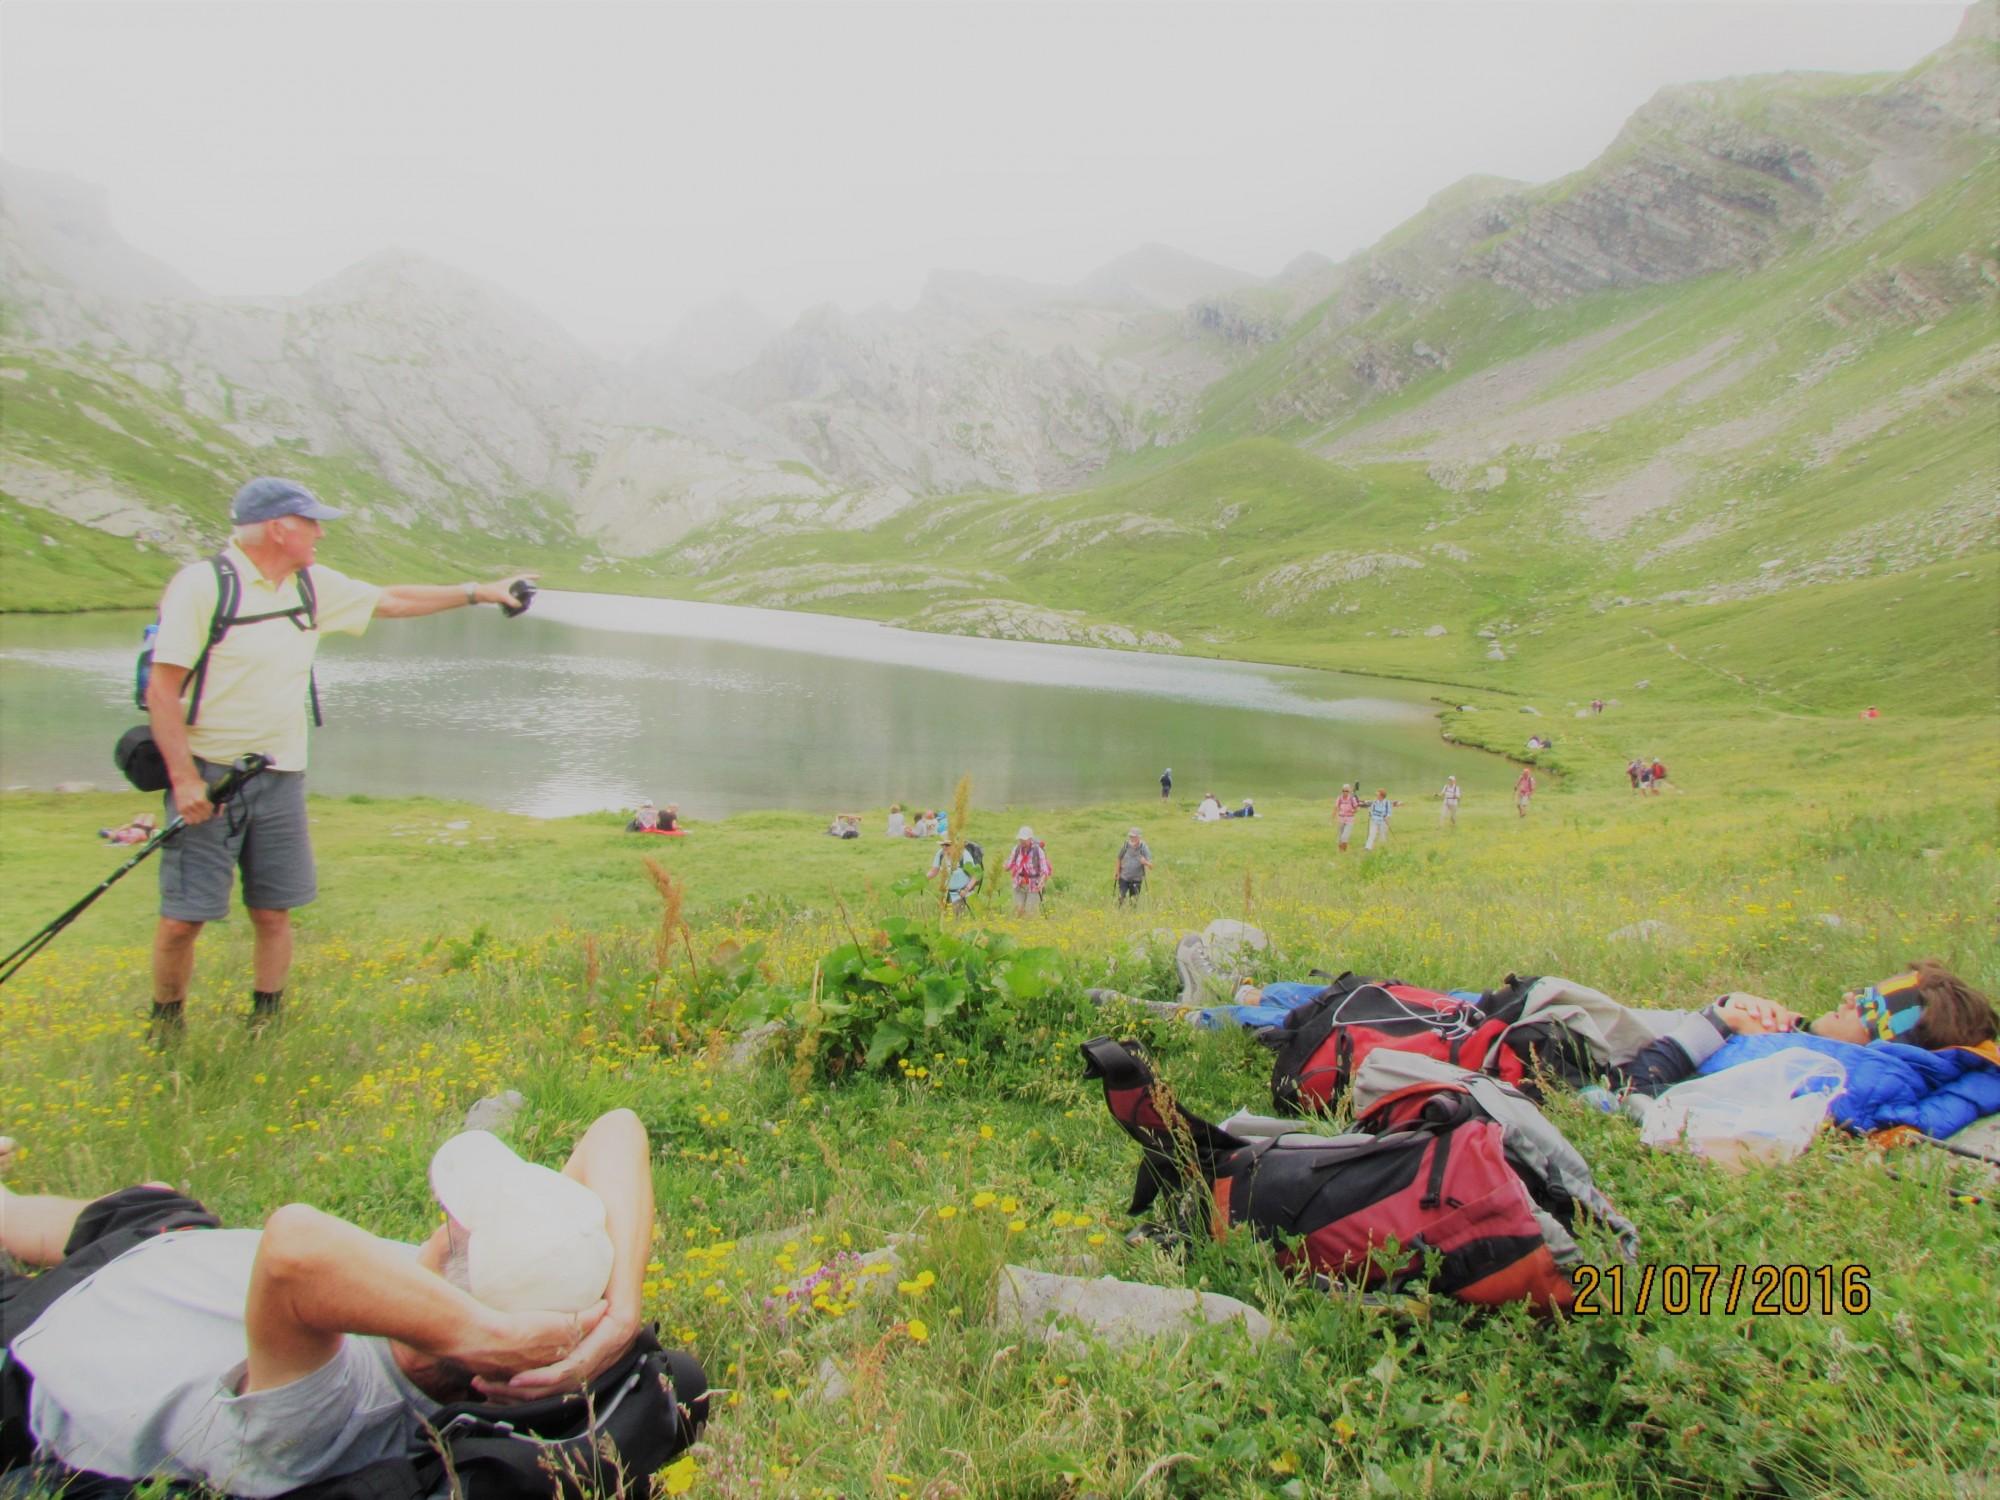 lac lauzet vallée ubaye montagnes randonnée